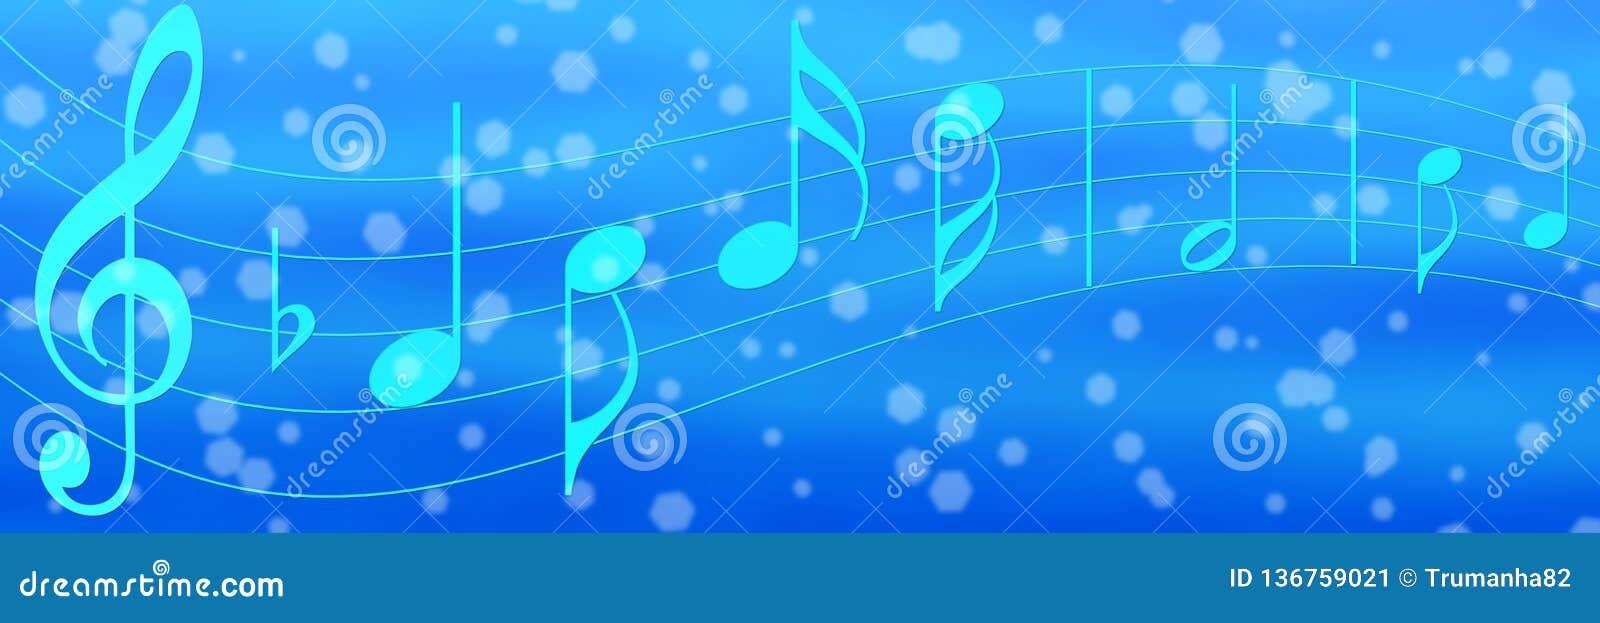 Musik-Anmerkungen im blauen Fahnen-Hintergrund